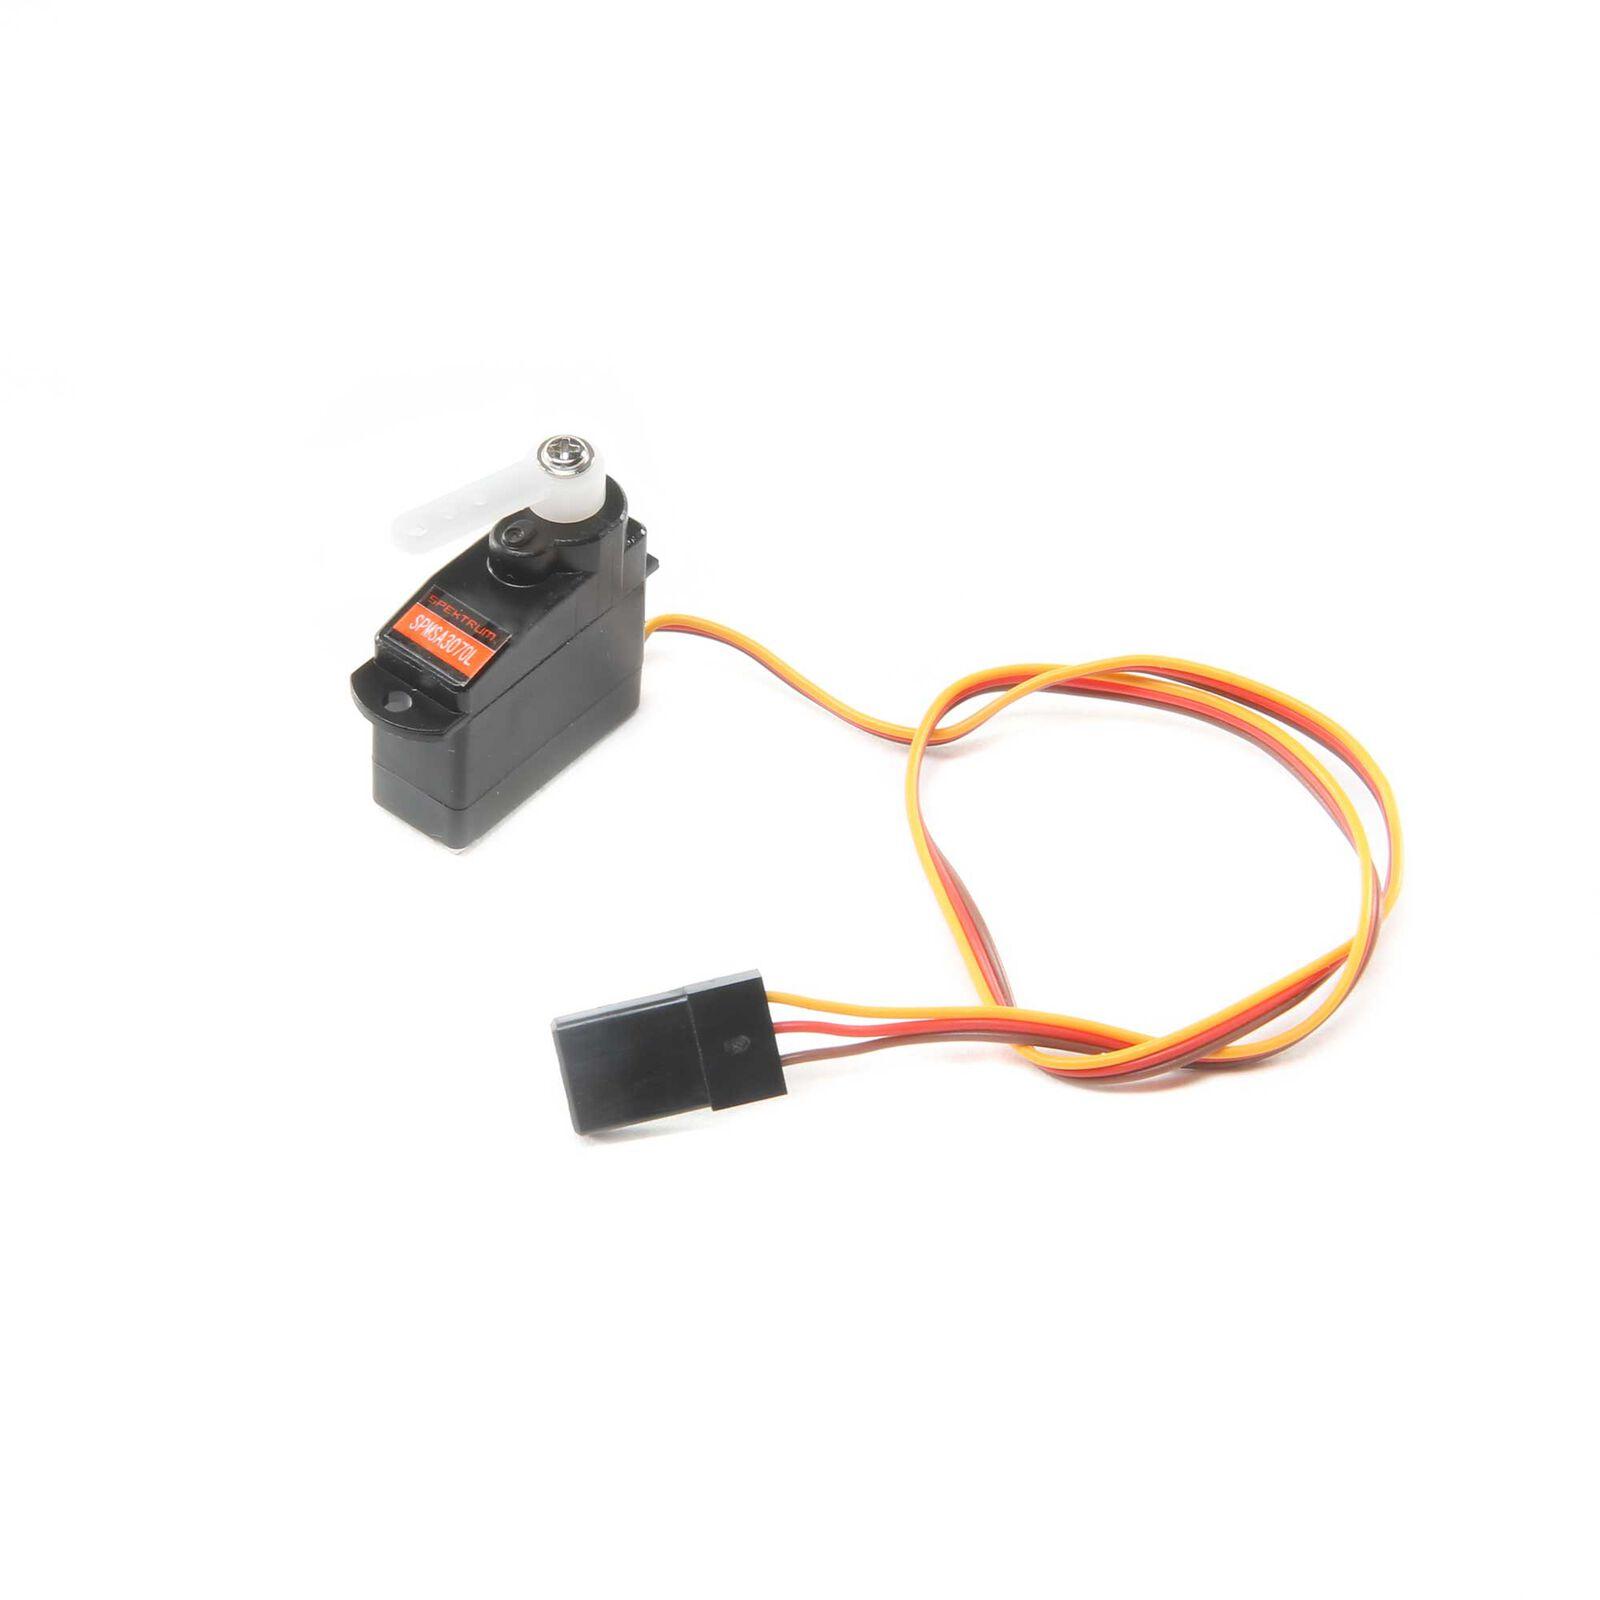 3.7g Sub-Micro Analog Air Servo Long Lead